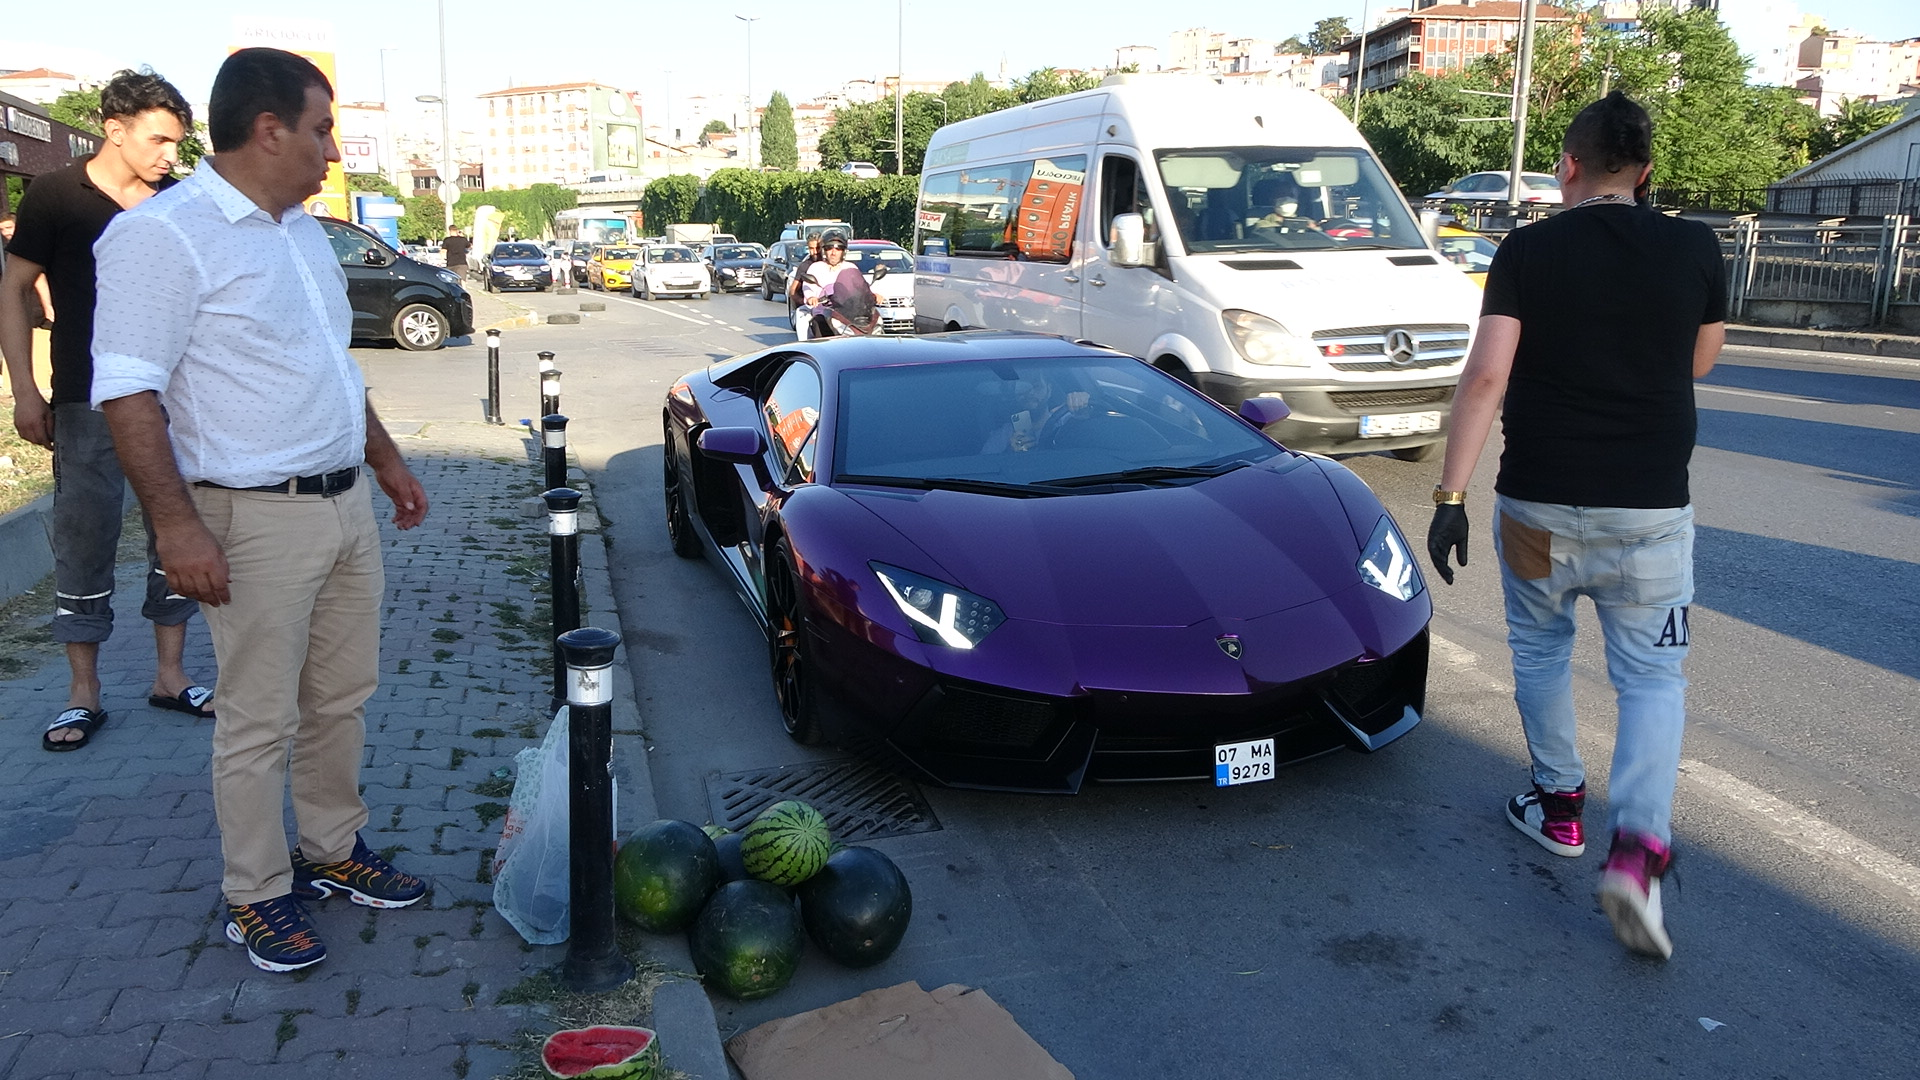 beyoglunda-luks-otomobilde-5-liraya-karpuz-satti-7151-dhaphoto10.jpg